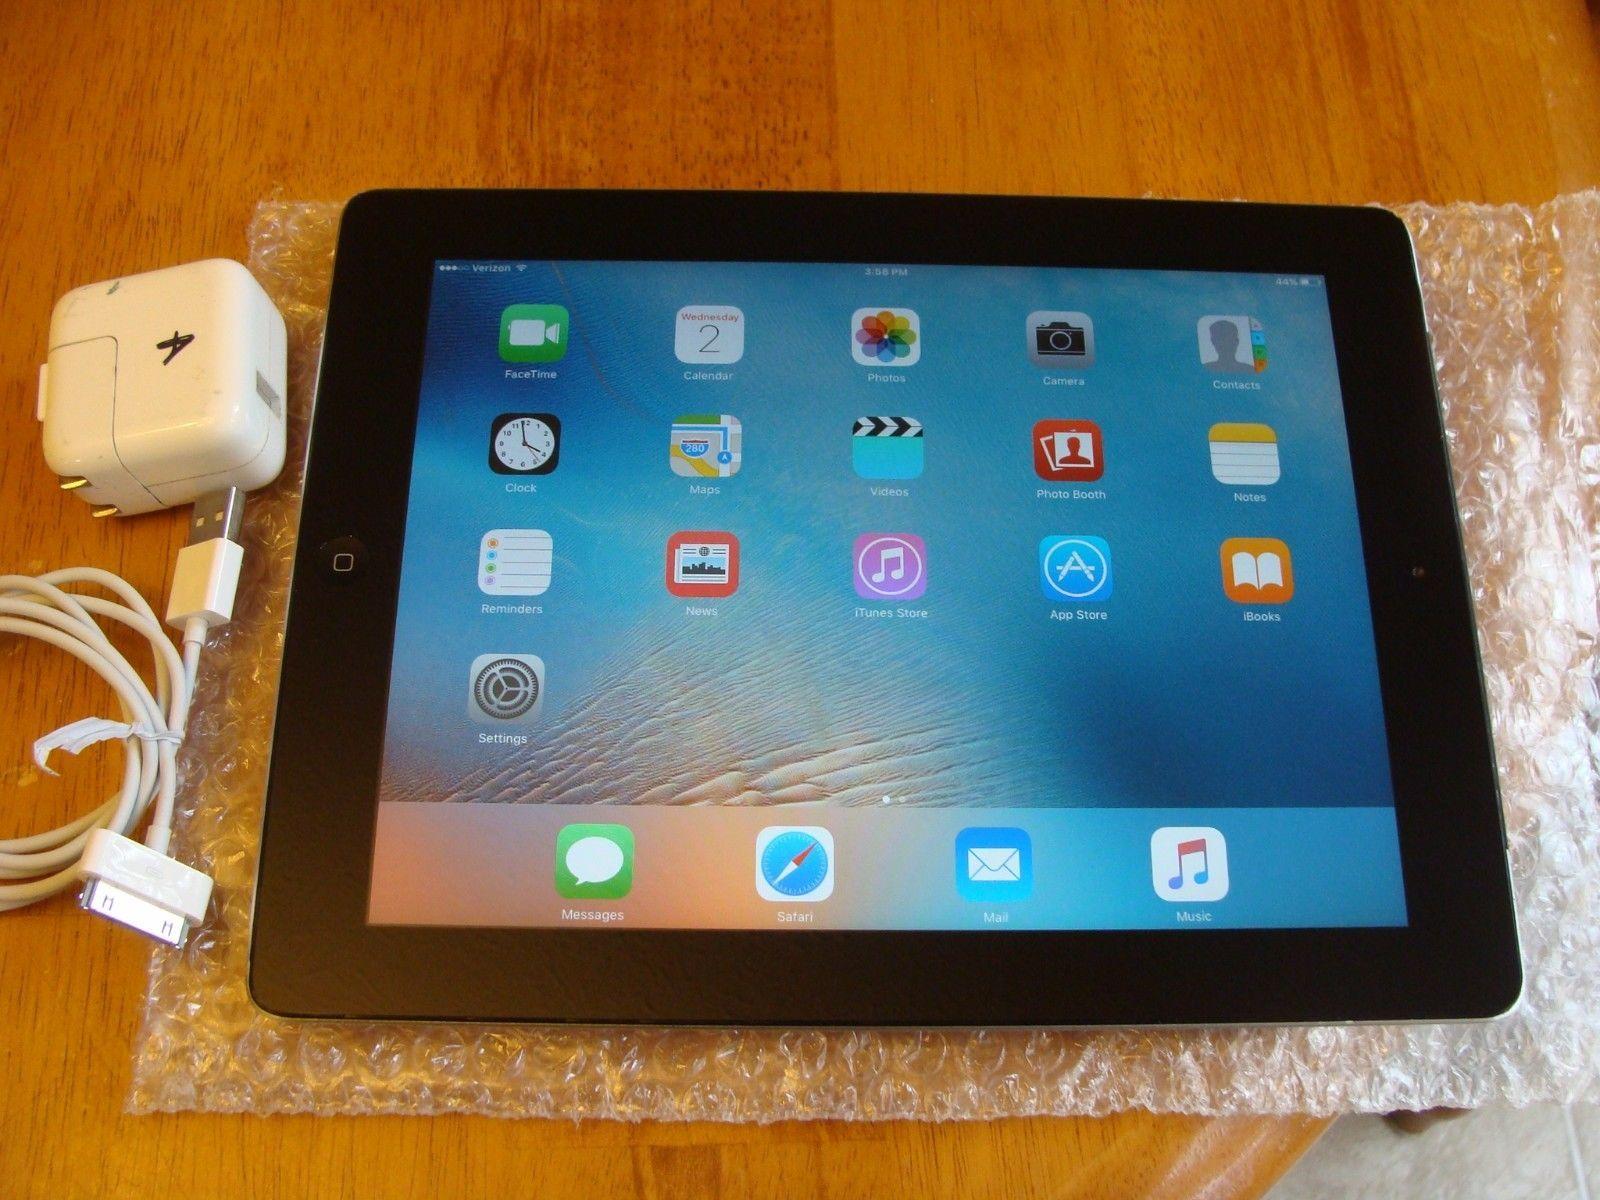 Apple iPad 2 32GB Wi-Fi  3G (Verizon) 9.7in - Black - 6 MONTHS WARRANTY https://t.co/WWEA8Xs7ek https://t.co/AHEiZcP33u